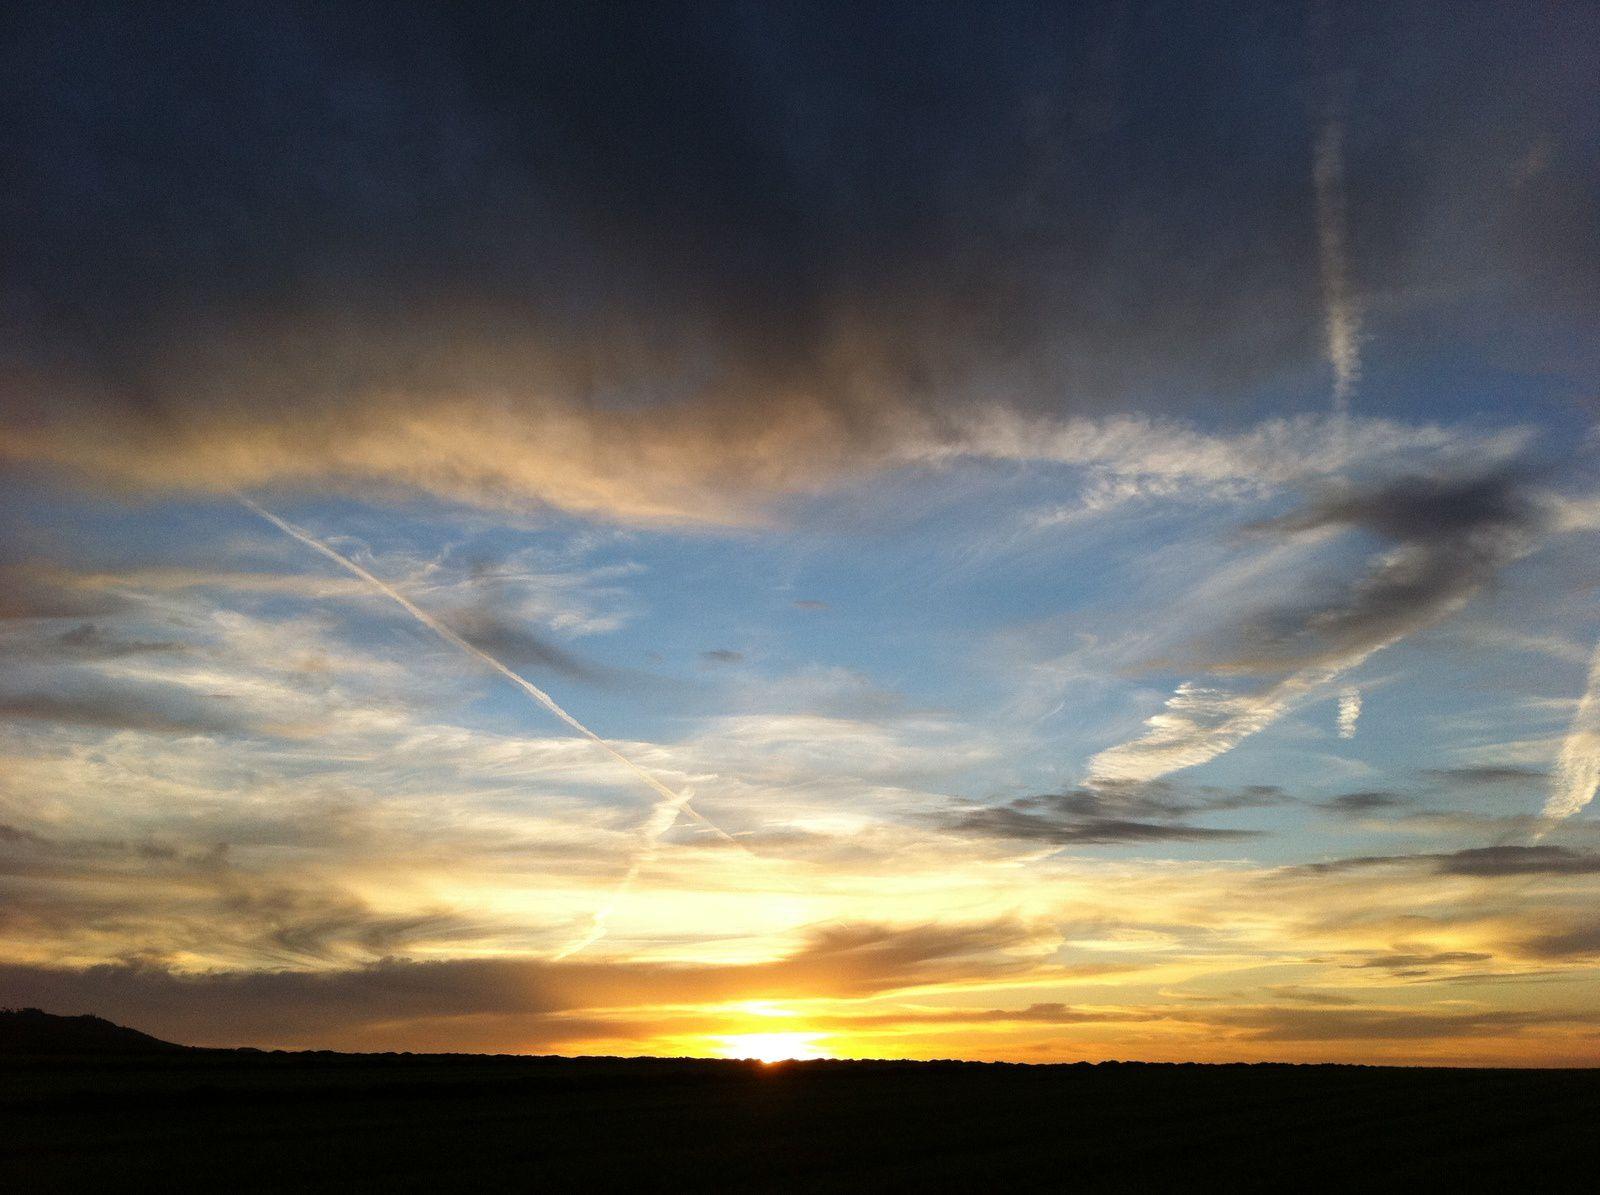 Weshalb Reisen? Weil Sonnenuntergänge und Sonnenaufgänge sonst viel zu wenig Beachtung finden